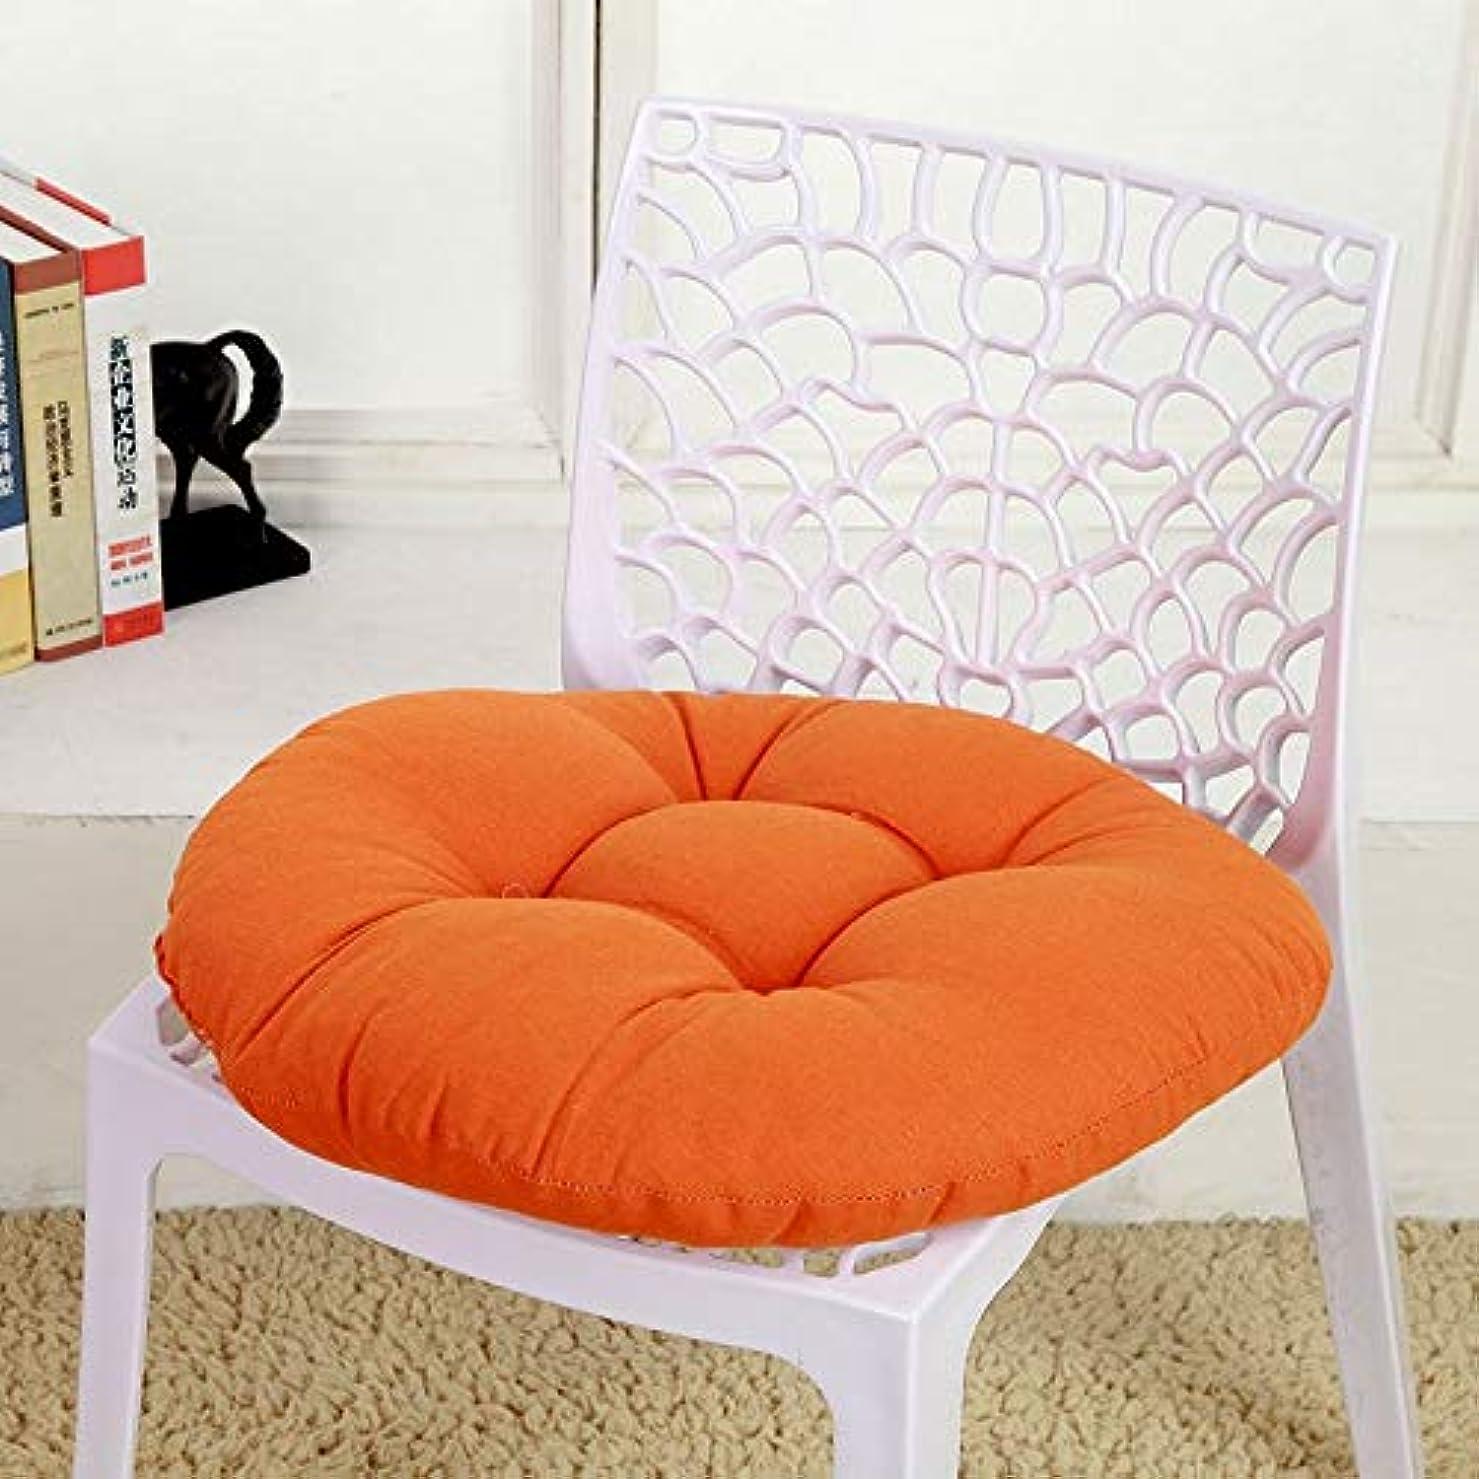 白いフィット黄ばむLIFE キャンディカラーのクッションラウンドシートクッション波ウィンドウシートクッションクッション家の装飾パッドラウンド枕シート枕椅子座る枕 クッション 椅子